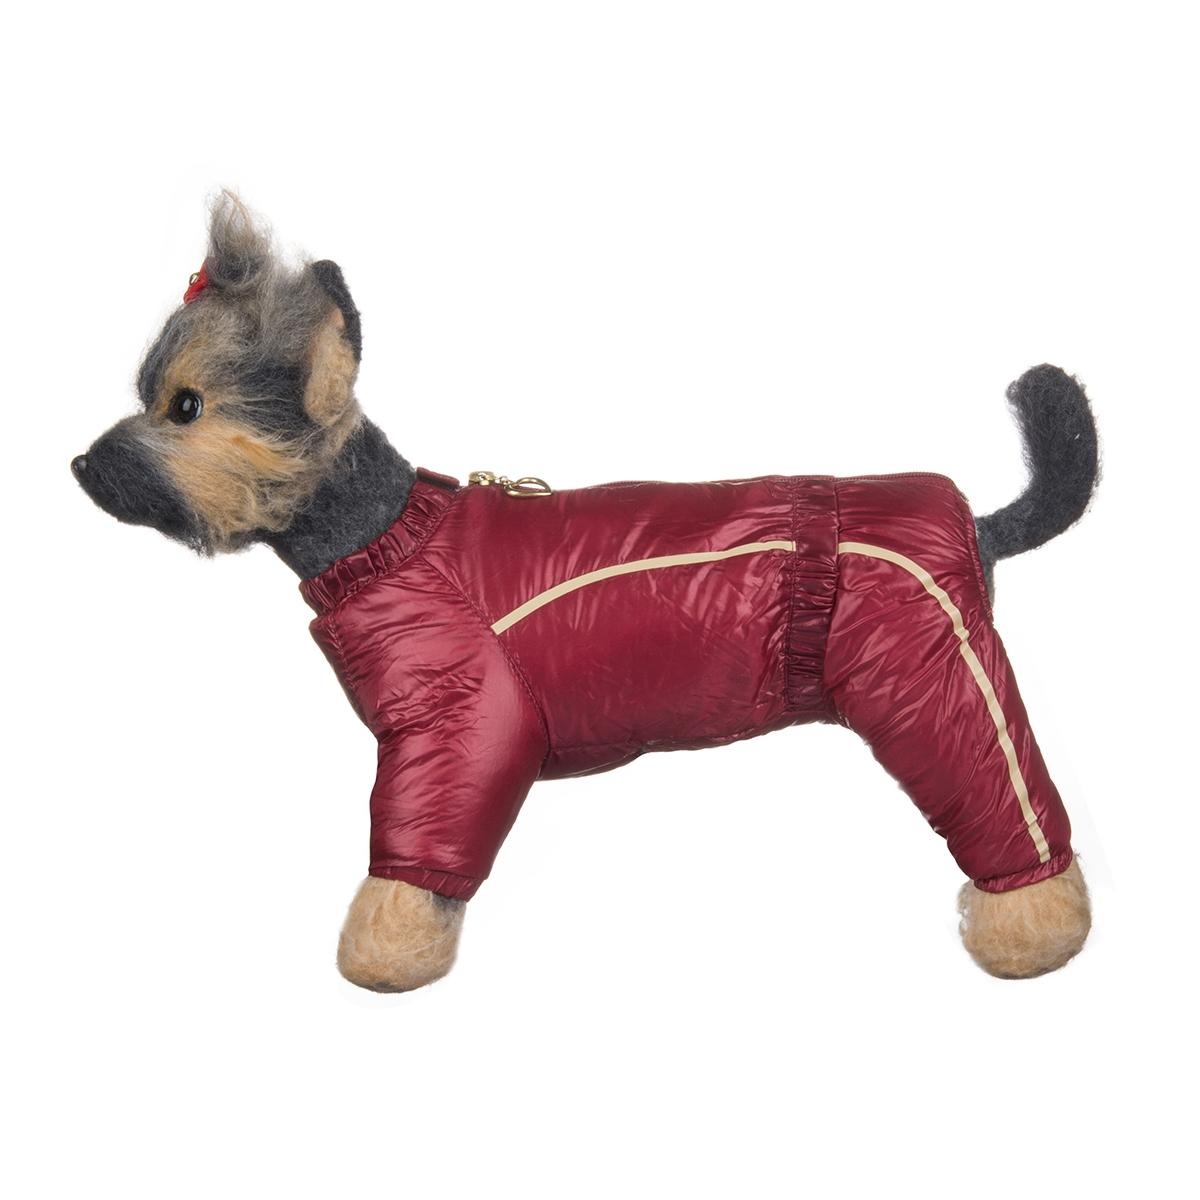 Комбинезон для собак Dogmoda Альпы, зимний, для девочки, цвет: бордовый, серый. Размер 1 (S)DM-150349-1Зимний комбинезон для собак Dogmoda Альпы отлично подойдет для прогулок в зимнее время года. Комбинезон изготовлен из полиэстера, защищающего от ветра и снега, с утеплителем из синтепона, который сохранит тепло даже в сильные морозы, а на подкладке используется искусственный мех, который обеспечивает отличный воздухообмен. Комбинезон застегивается на молнию и липучку, благодаря чему его легко надевать и снимать. Ворот, низ рукавов и брючин оснащены внутренними резинками, которые мягко обхватывают шею и лапки, не позволяя просачиваться холодному воздуху. На пояснице имеется внутренняя резинка. Изделие декорировано бежевыми полосками и надписью DM. Благодаря такому комбинезону простуда не грозит вашему питомцу и он сможет испытать не сравнимое удовольствие от снежных игр и забав.